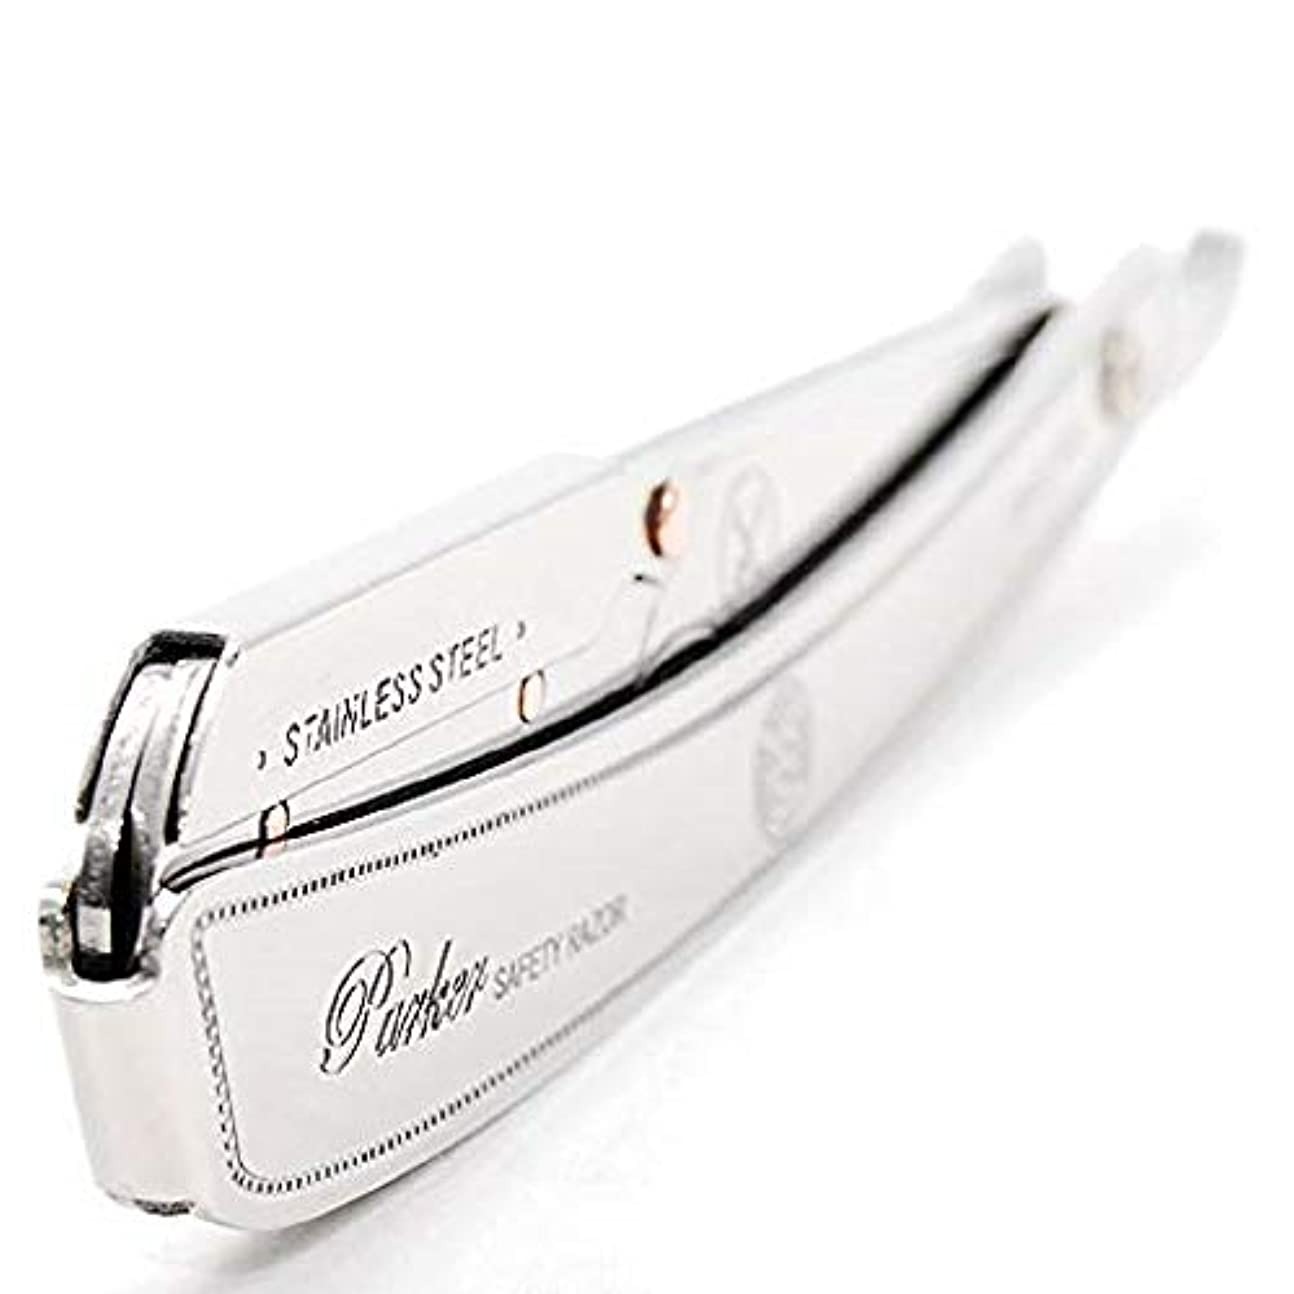 土誠実さ活気づけるパーカー(Parker) SRX 剃刀 プロ用 替刃100枚の2点セット [並行輸入品]